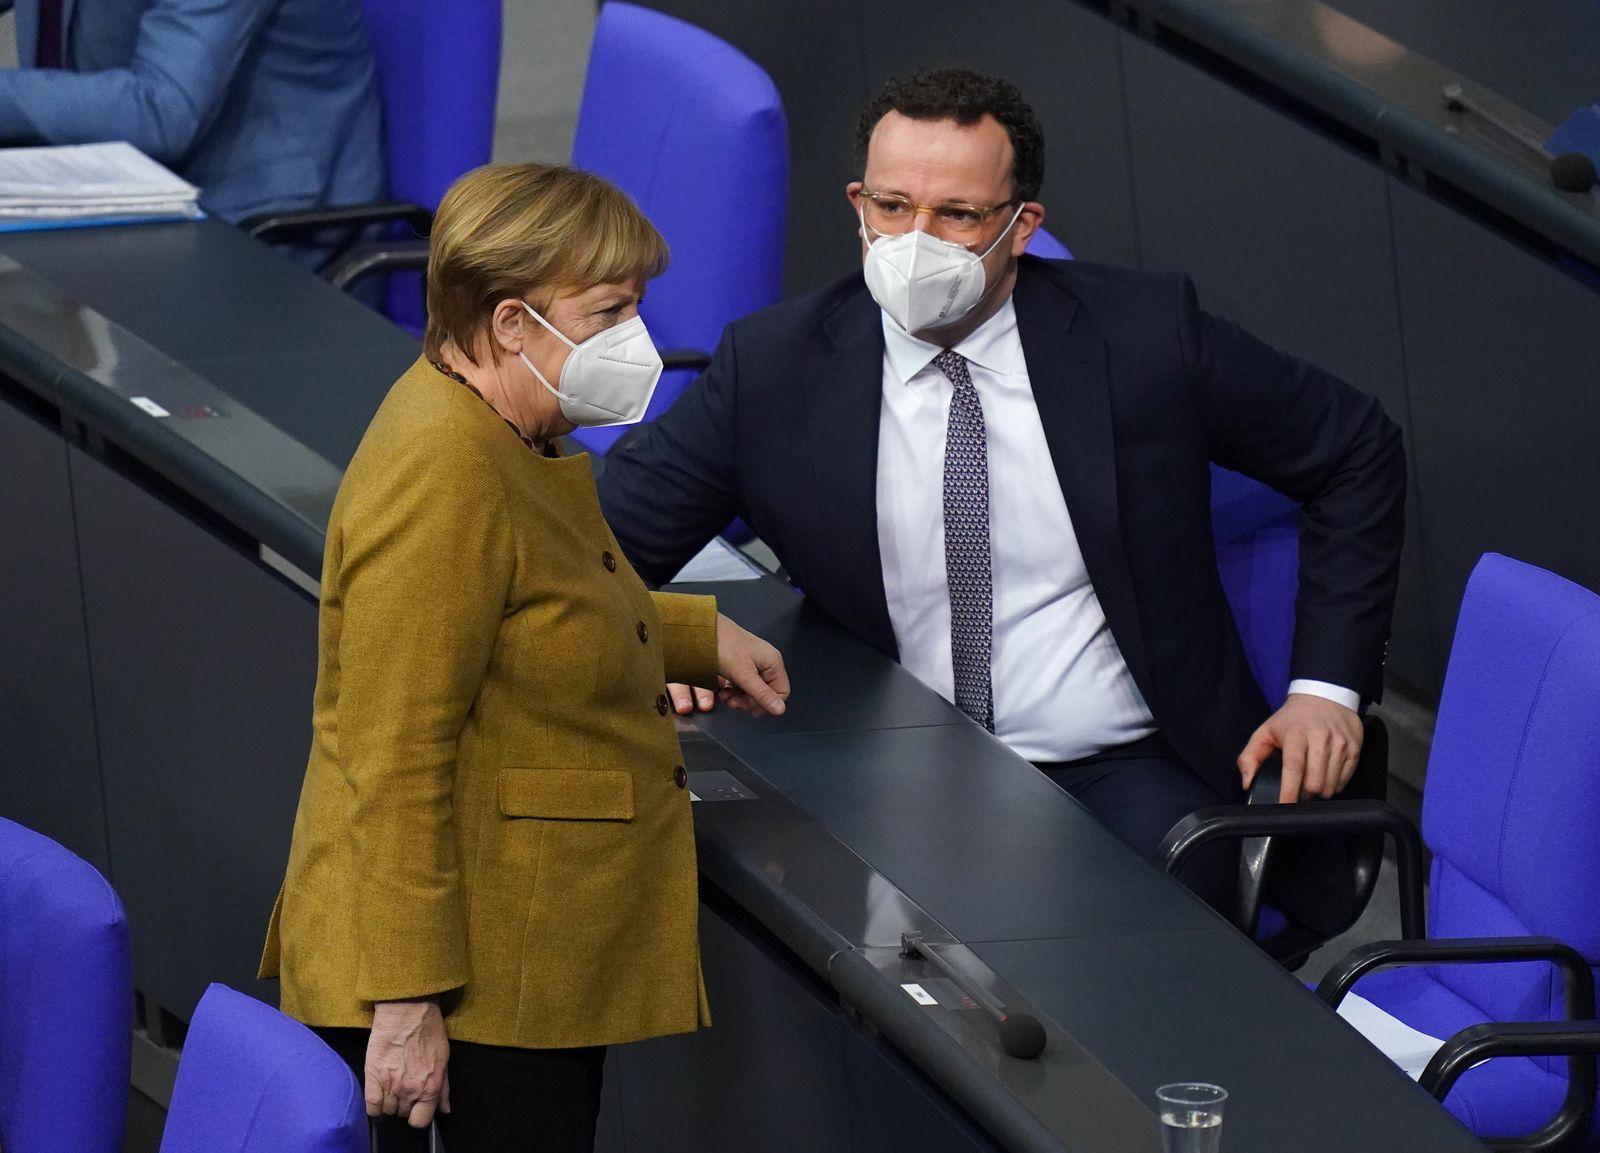 Bundestag Debates Reducing Lockdown Measures